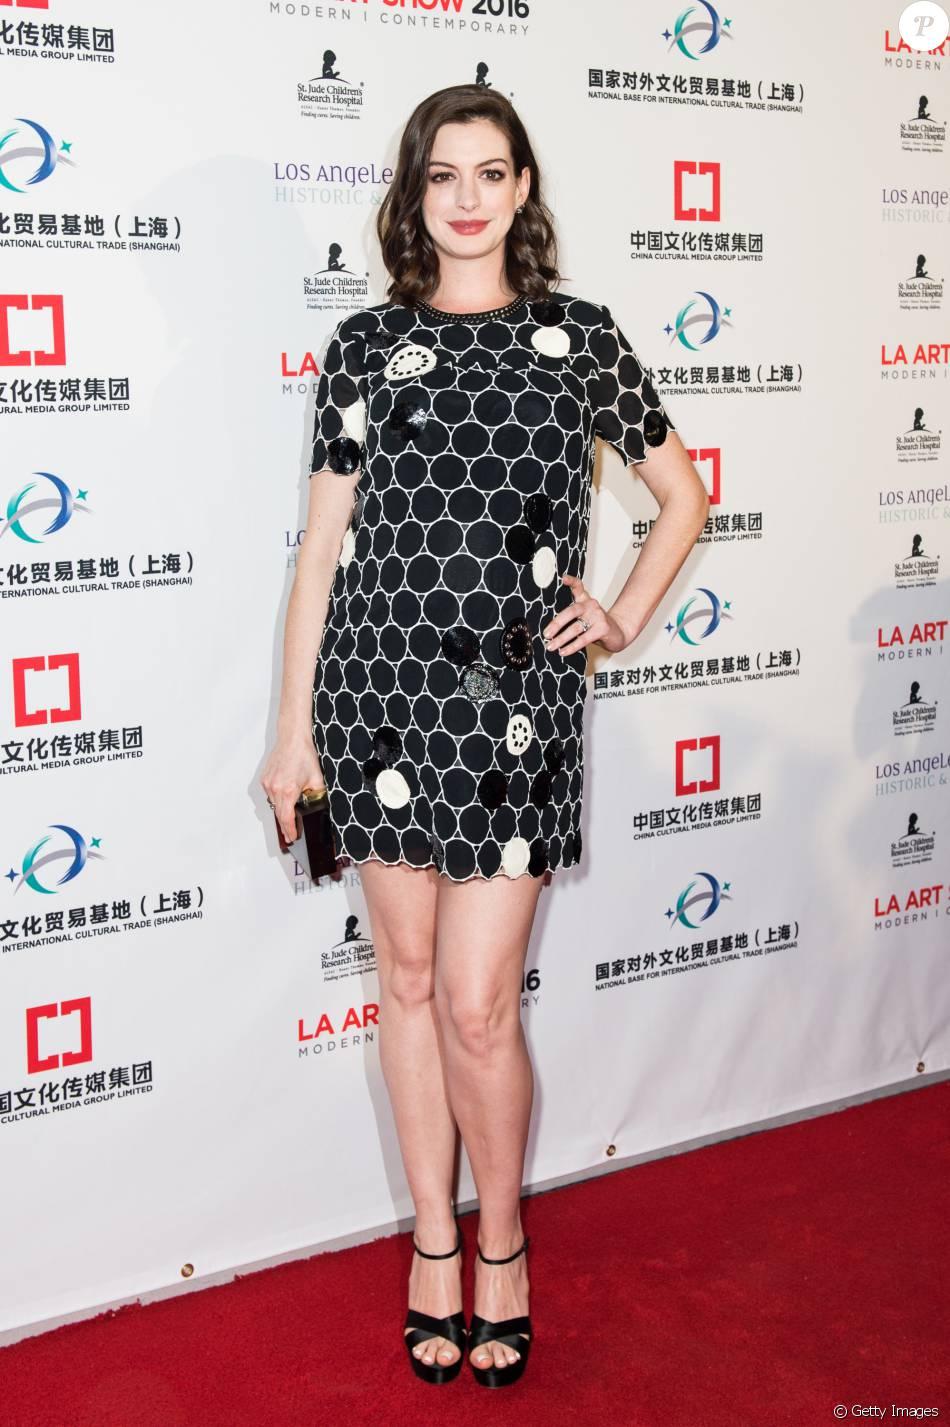 Discreta, Anne Hathaway optou por um vestido preto para disfarçar a barriguinha de gravidez